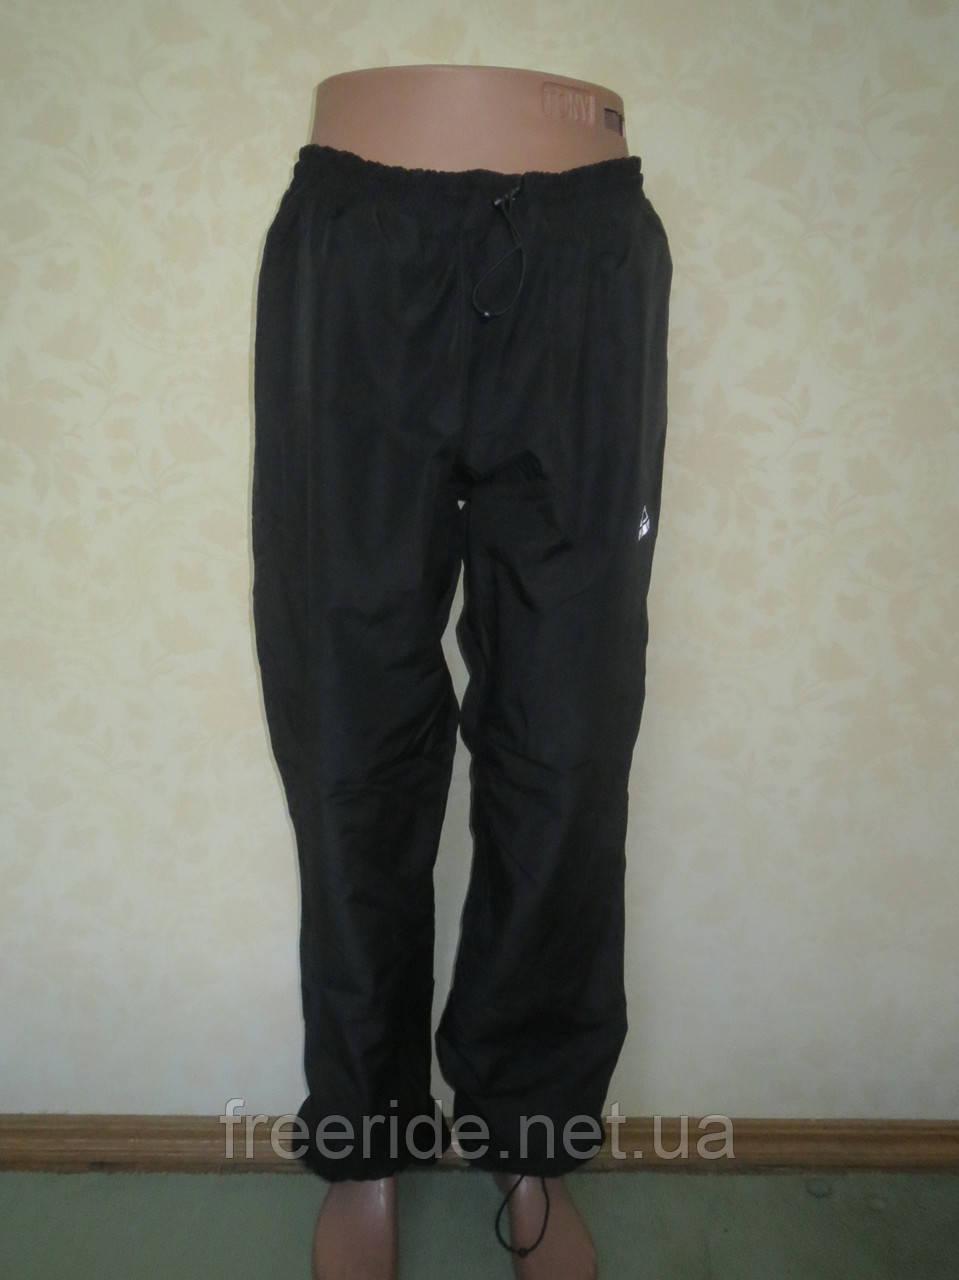 Трекинговые штаны McKinley (L) рост от 180